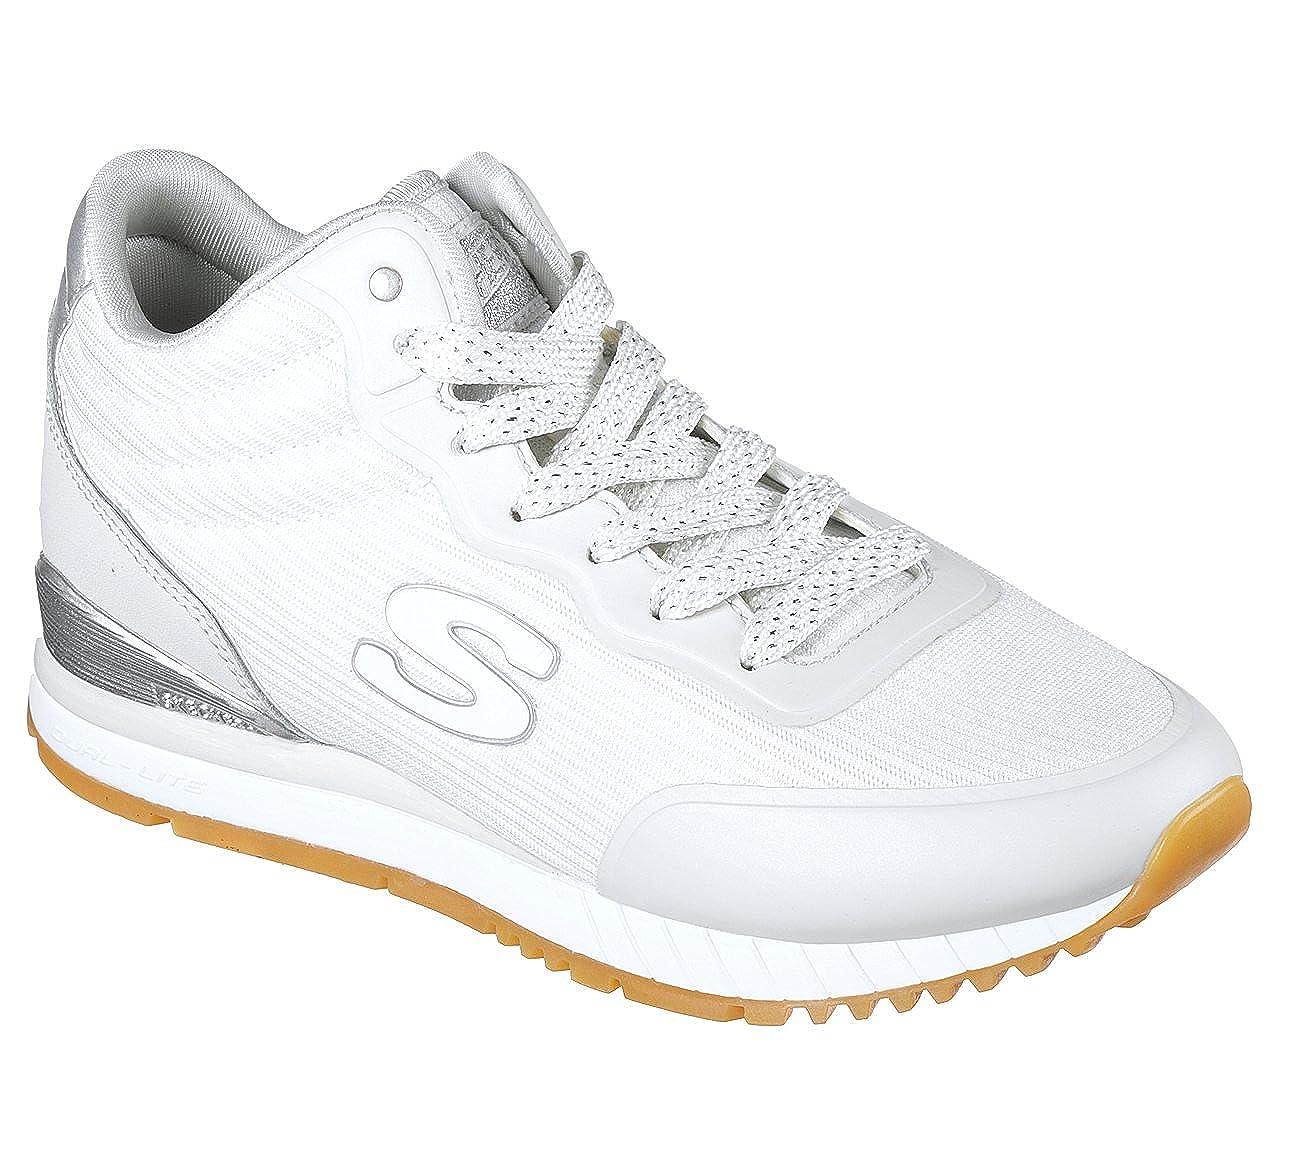 Skechers SUNLITE SUNLITE Skechers VEGA HIGH nero scarpe da ginnastica scarpe donna memory foam 920 White 6a76eb